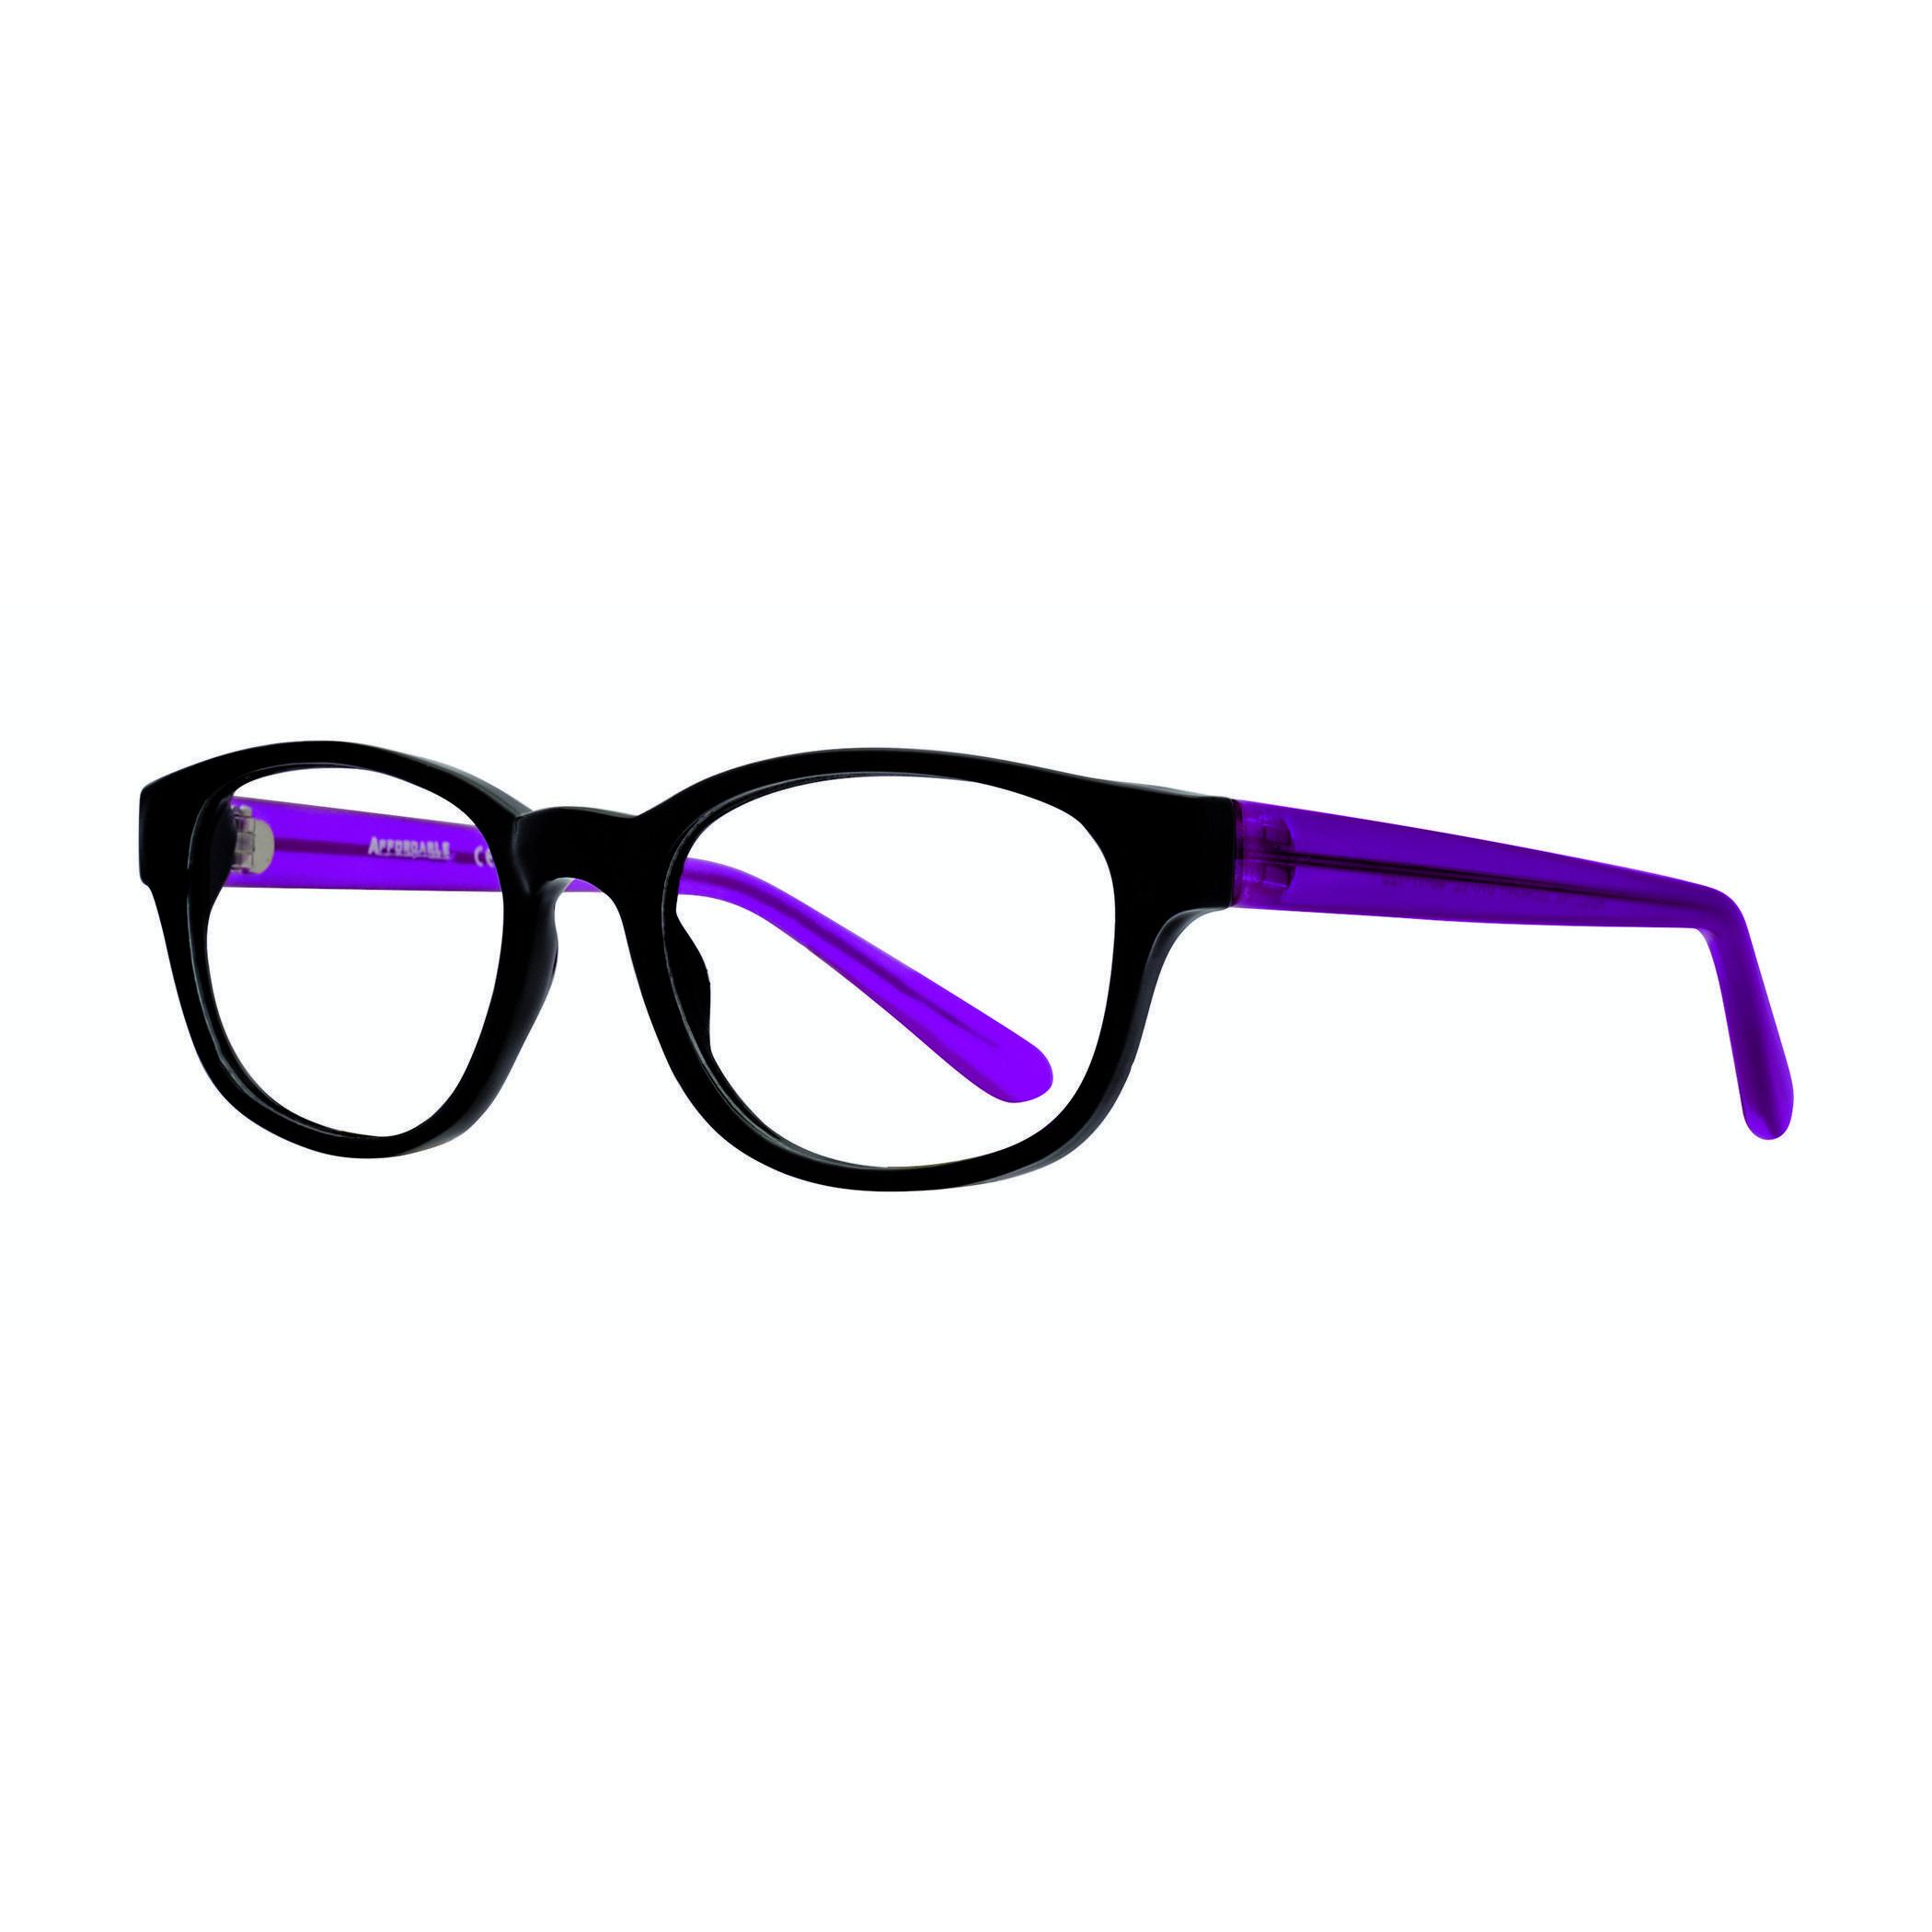 926bf3fef281 Affordable Designs Adeline Eyeglasses